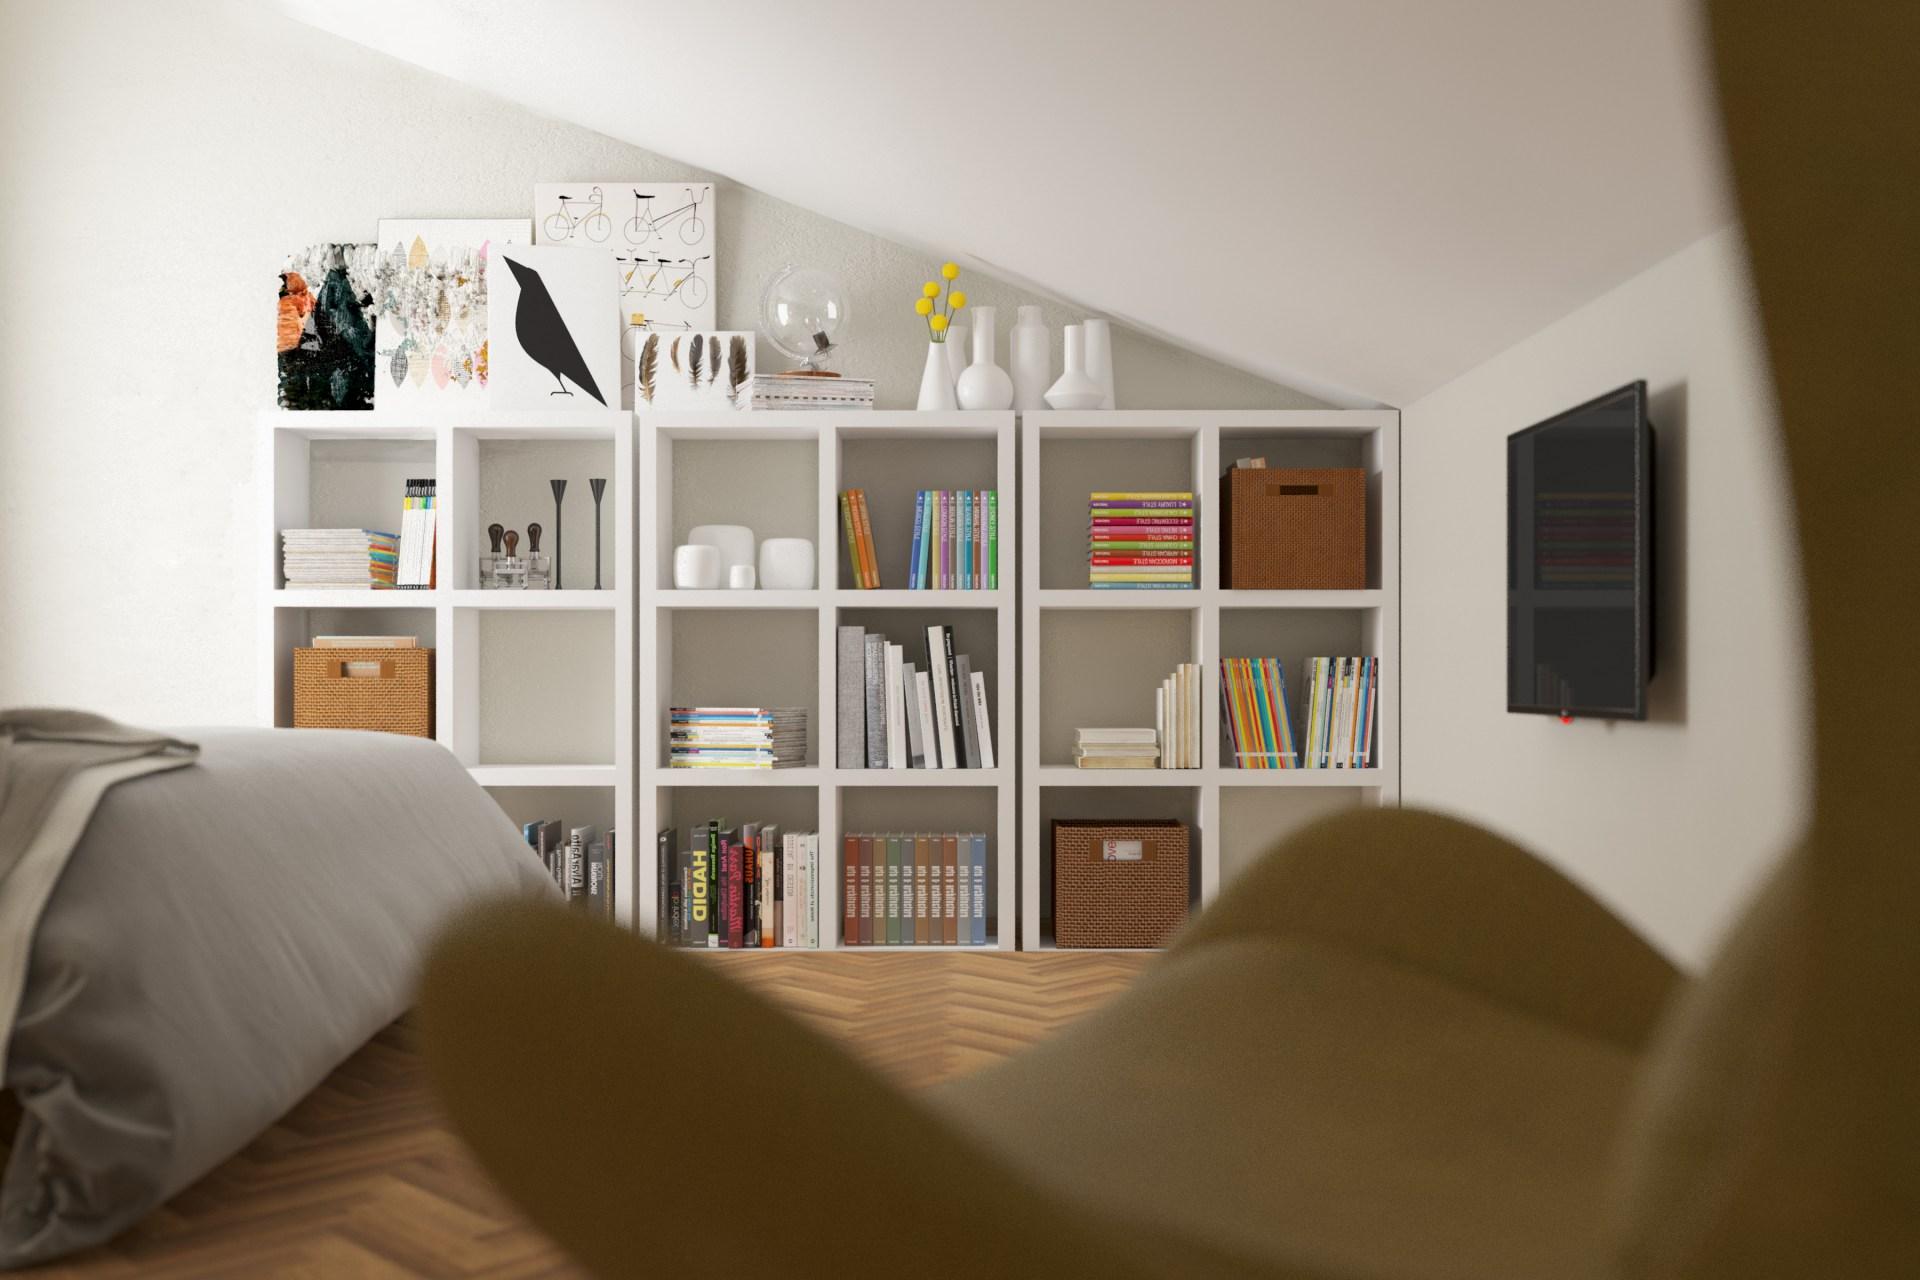 Il corso design d'interni ha come obiettivo principale quello di fornire le competenze e le abilità tecniche per l' Corso 15 Mesi Interior Design Accademia Cappiello